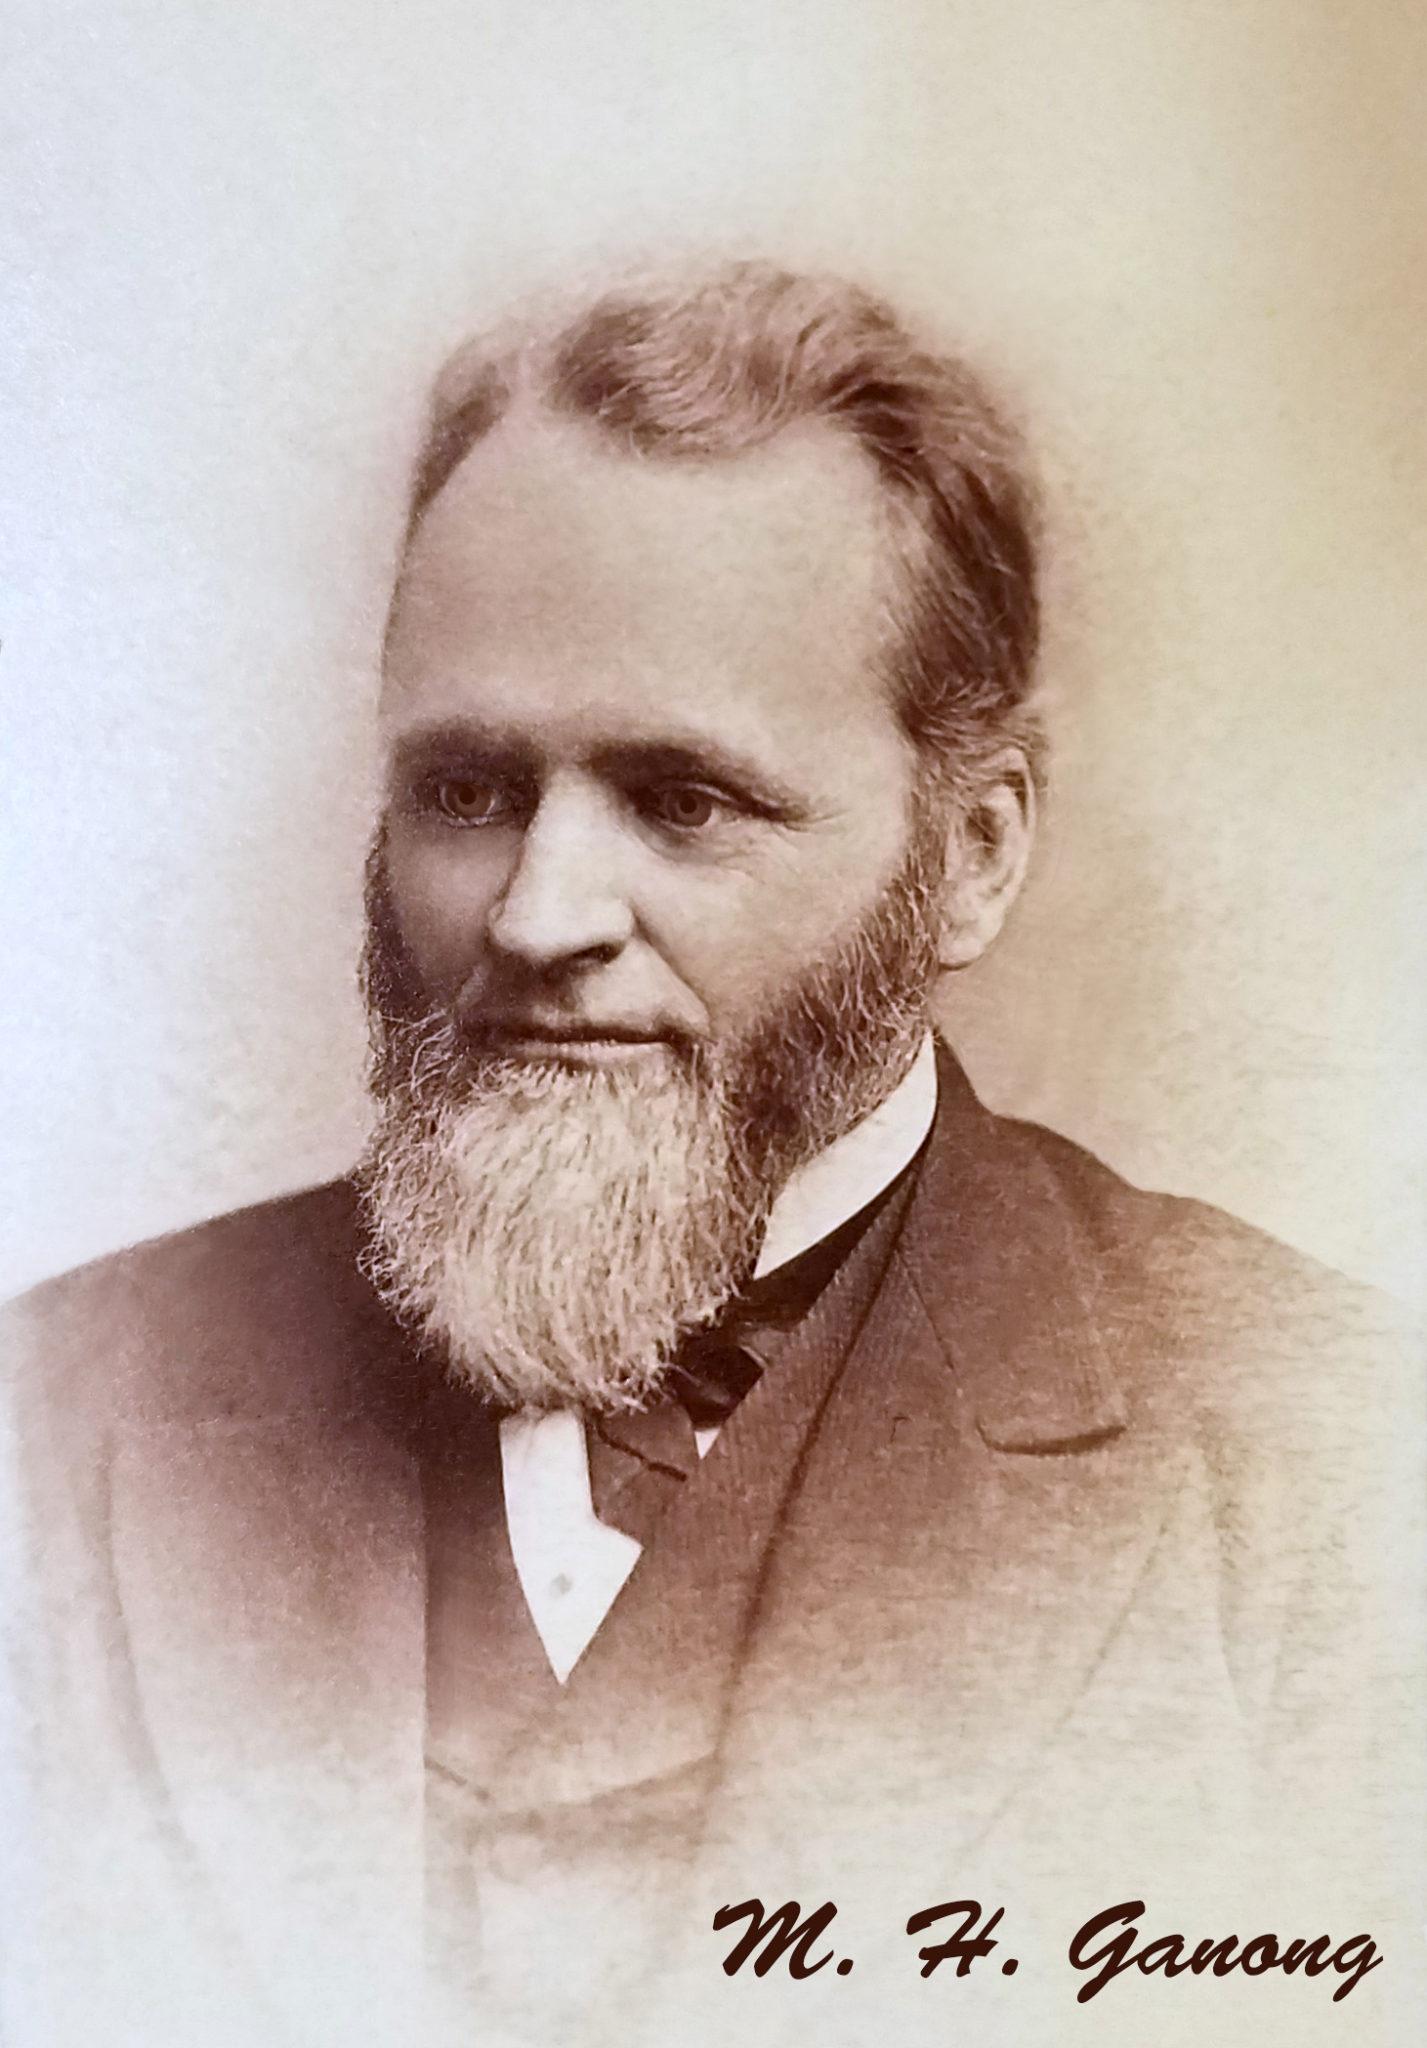 M. H. Ganong